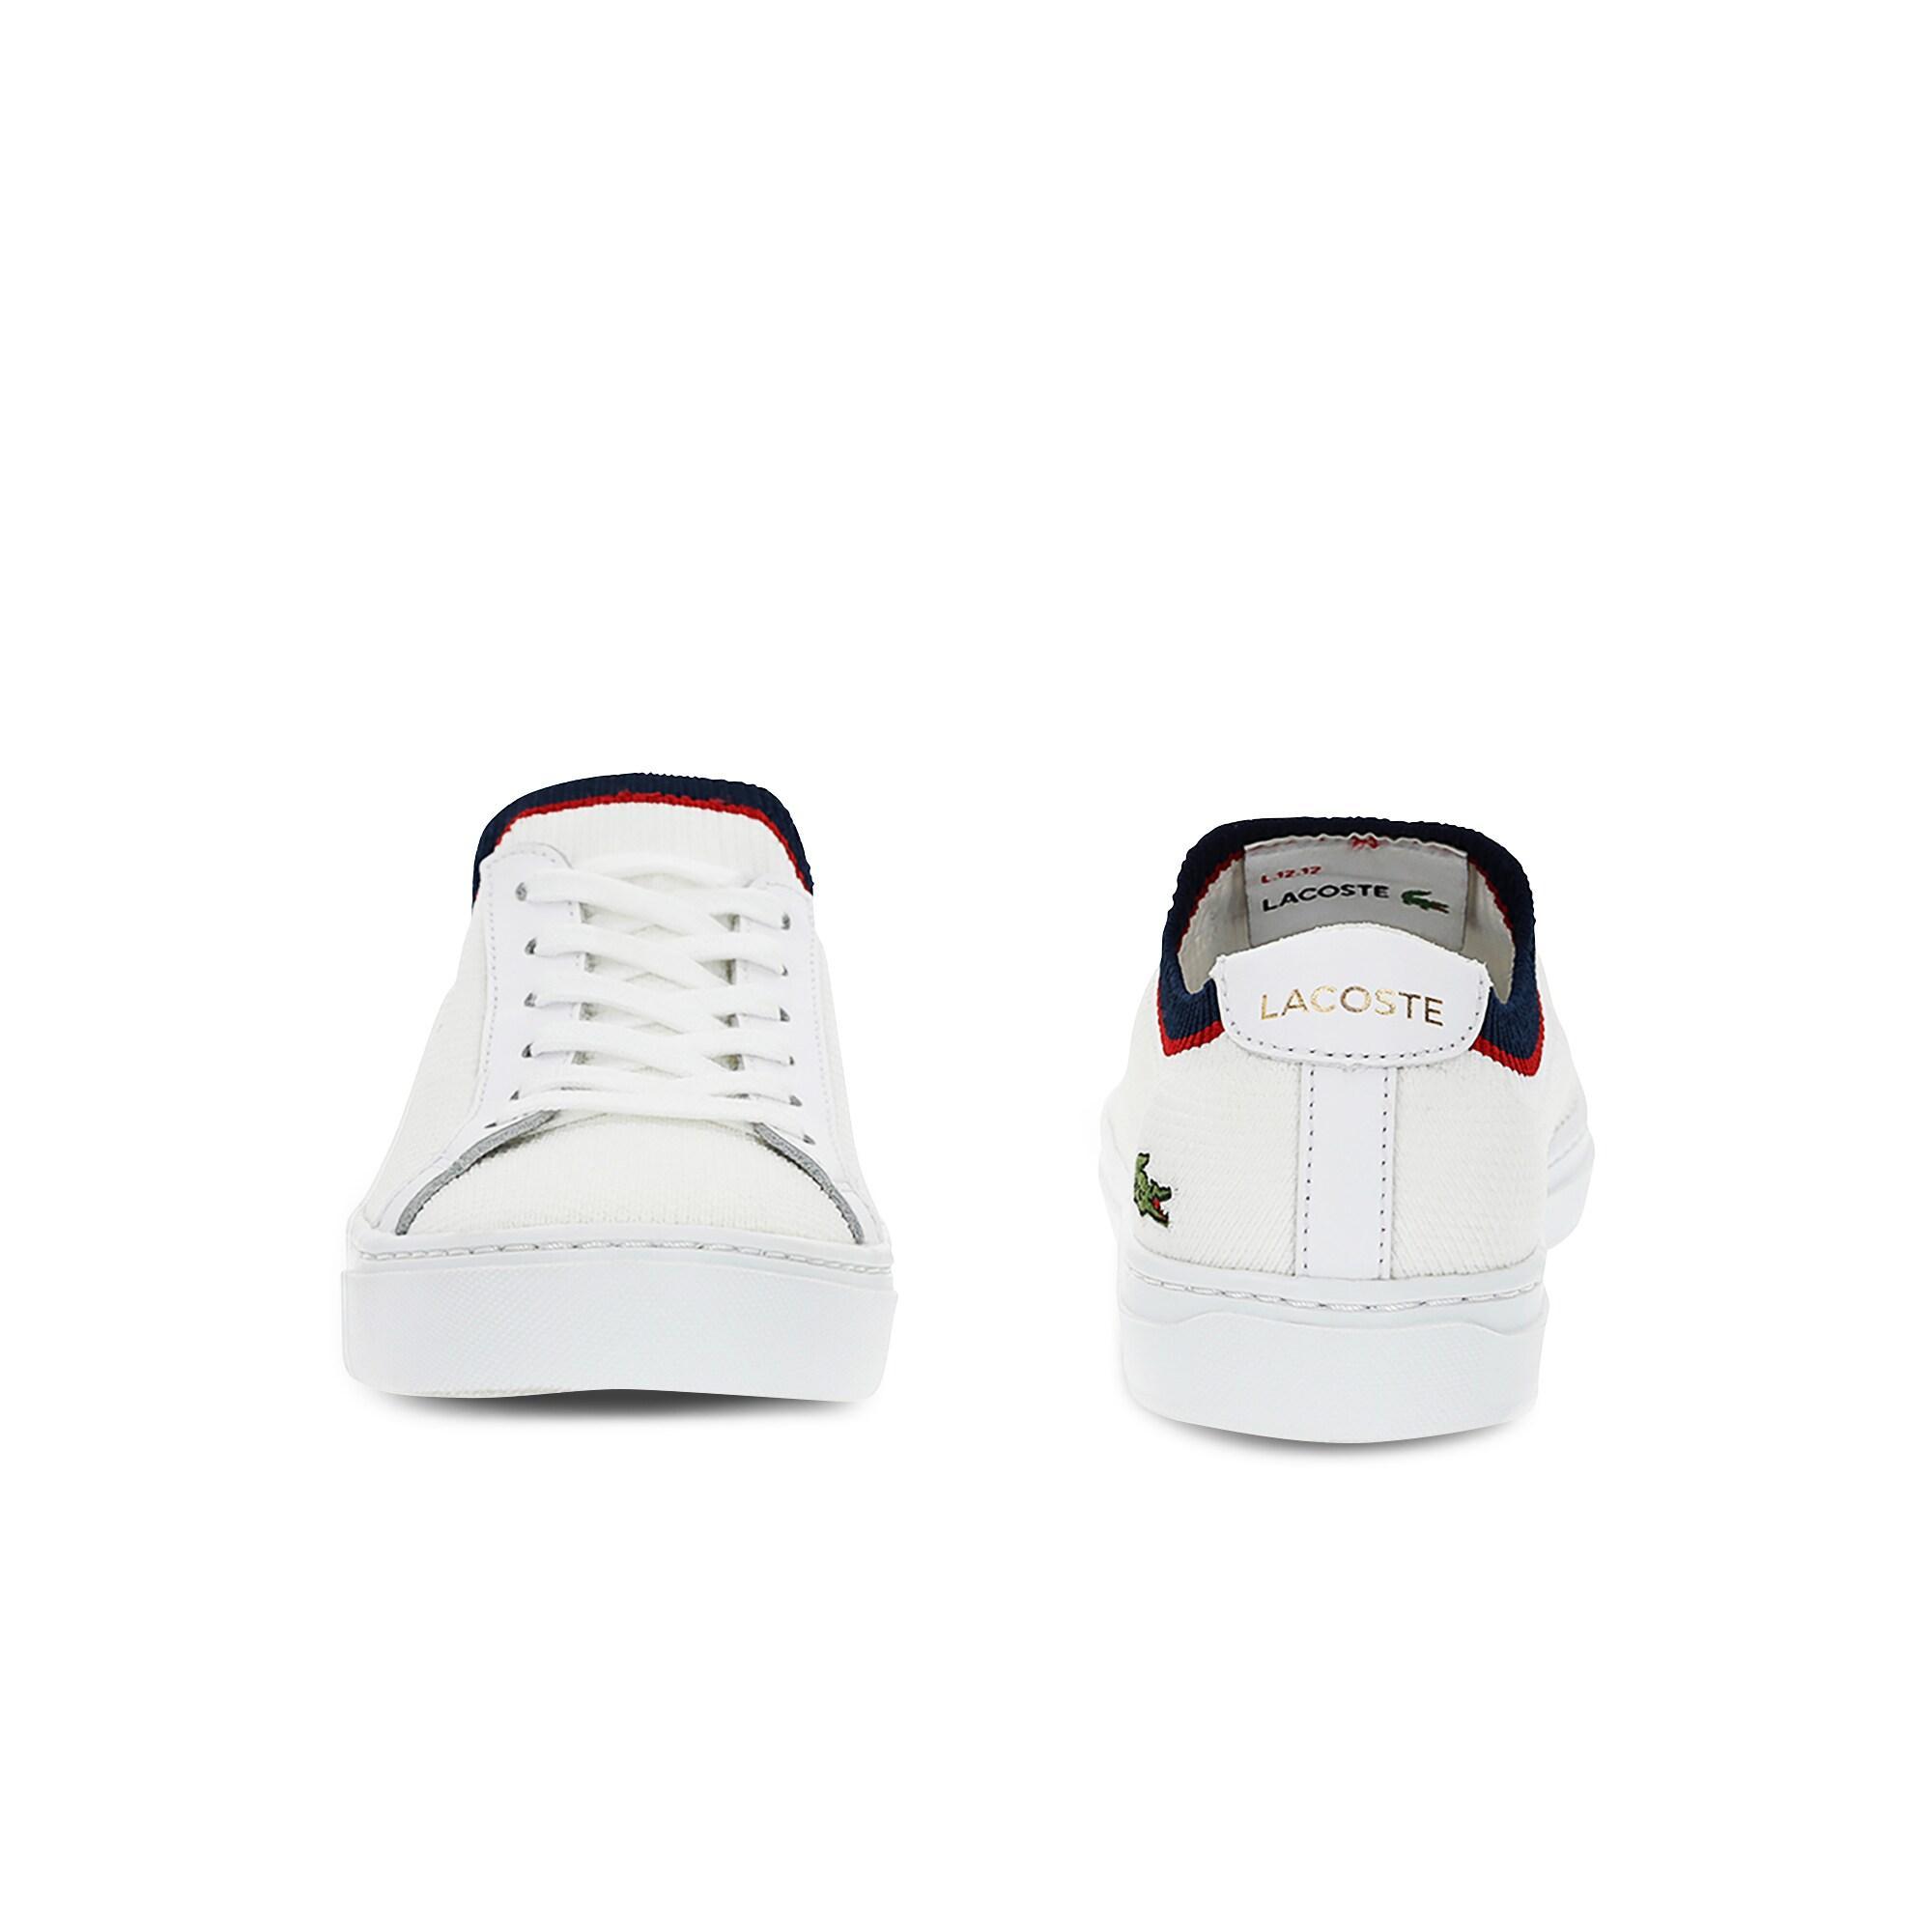 Lacoste La Piquee 119 1 Women's Sneakers